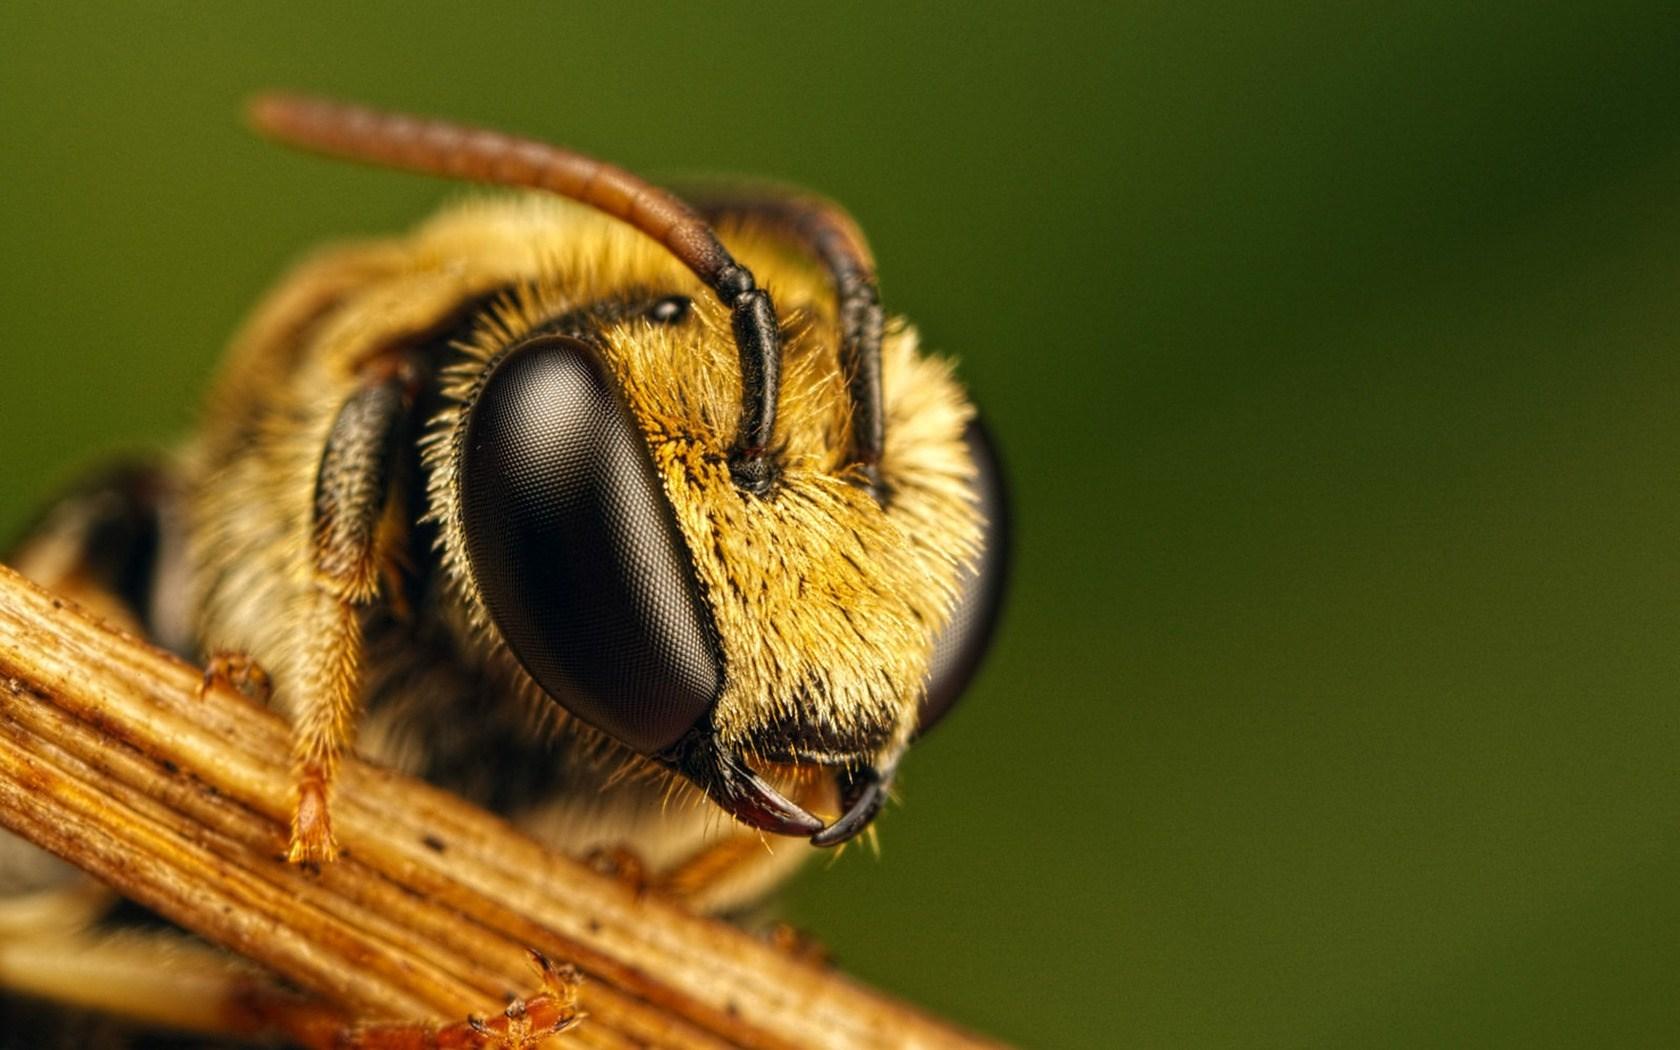 Bee Eyes Close-Up HD Wallpaper